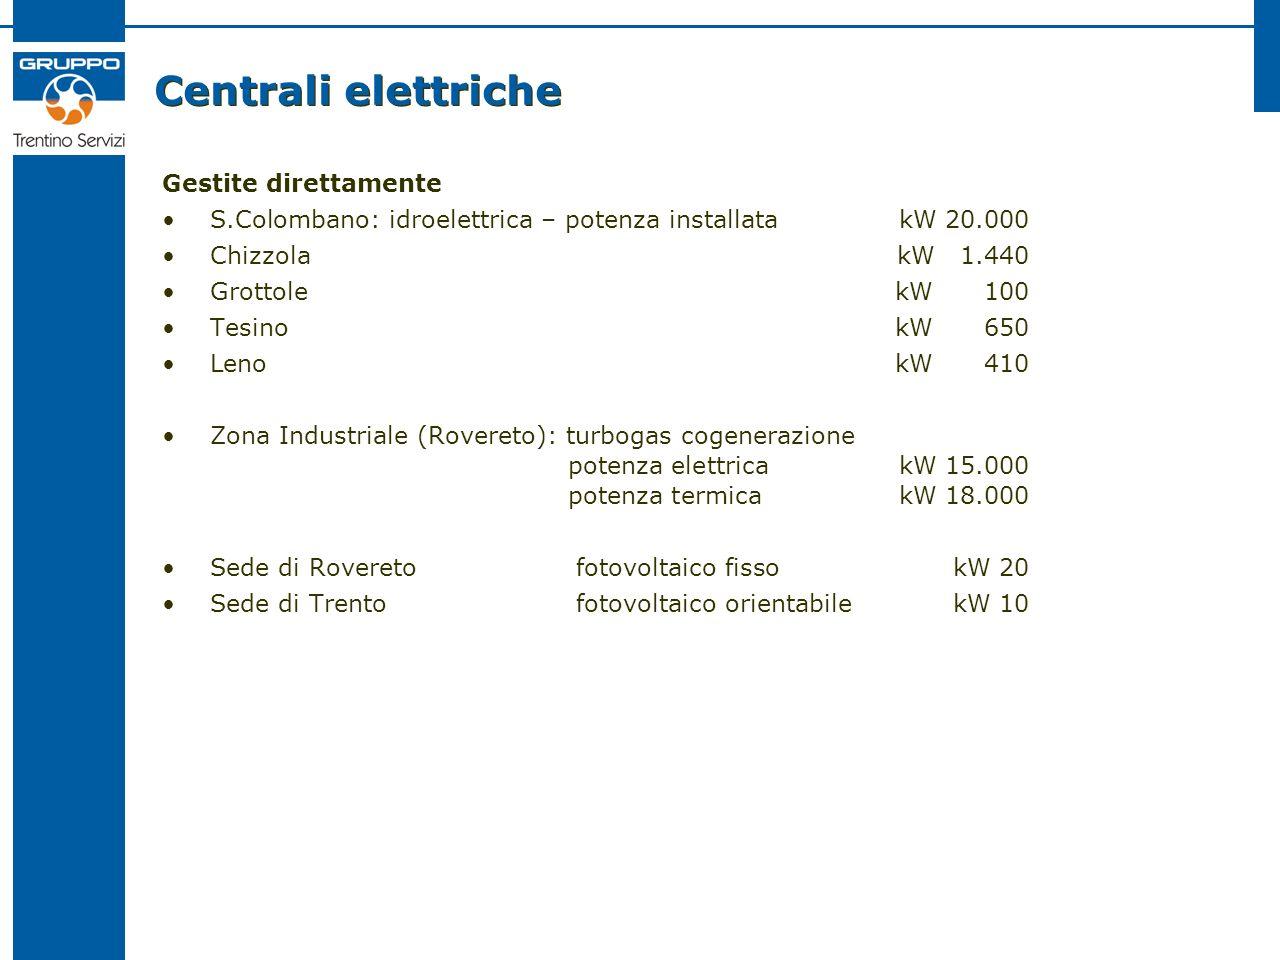 Centrali elettriche Gestite direttamente S.Colombano: idroelettrica – potenza installatakW 20.000 Chizzola kW 1.440 Grottole kW 100 Tesino kW 650 Leno kW 410 Zona Industriale (Rovereto): turbogas cogenerazione potenza elettrica kW 15.000 potenza termicakW 18.000 Sede di Rovereto fotovoltaico fissokW 20 Sede di Trento fotovoltaico orientabilekW 10